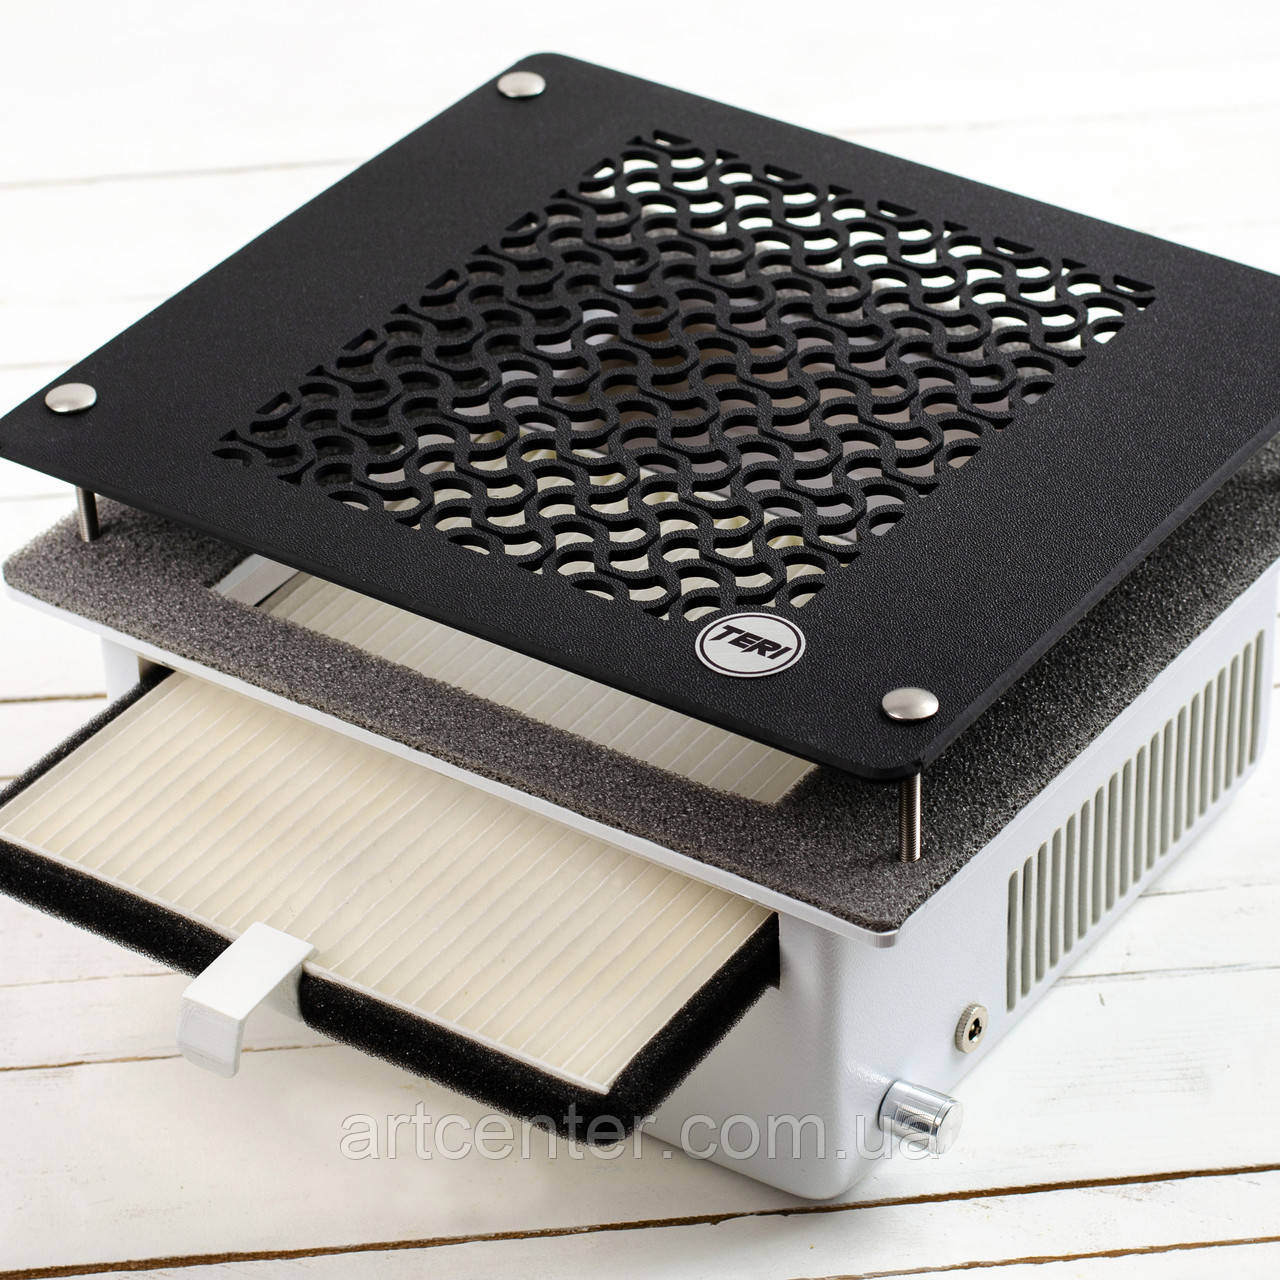 Вытяжка для маникюрного стола врезная, маникюрная вытяжка пылесос с НЕРА фильром Teri500